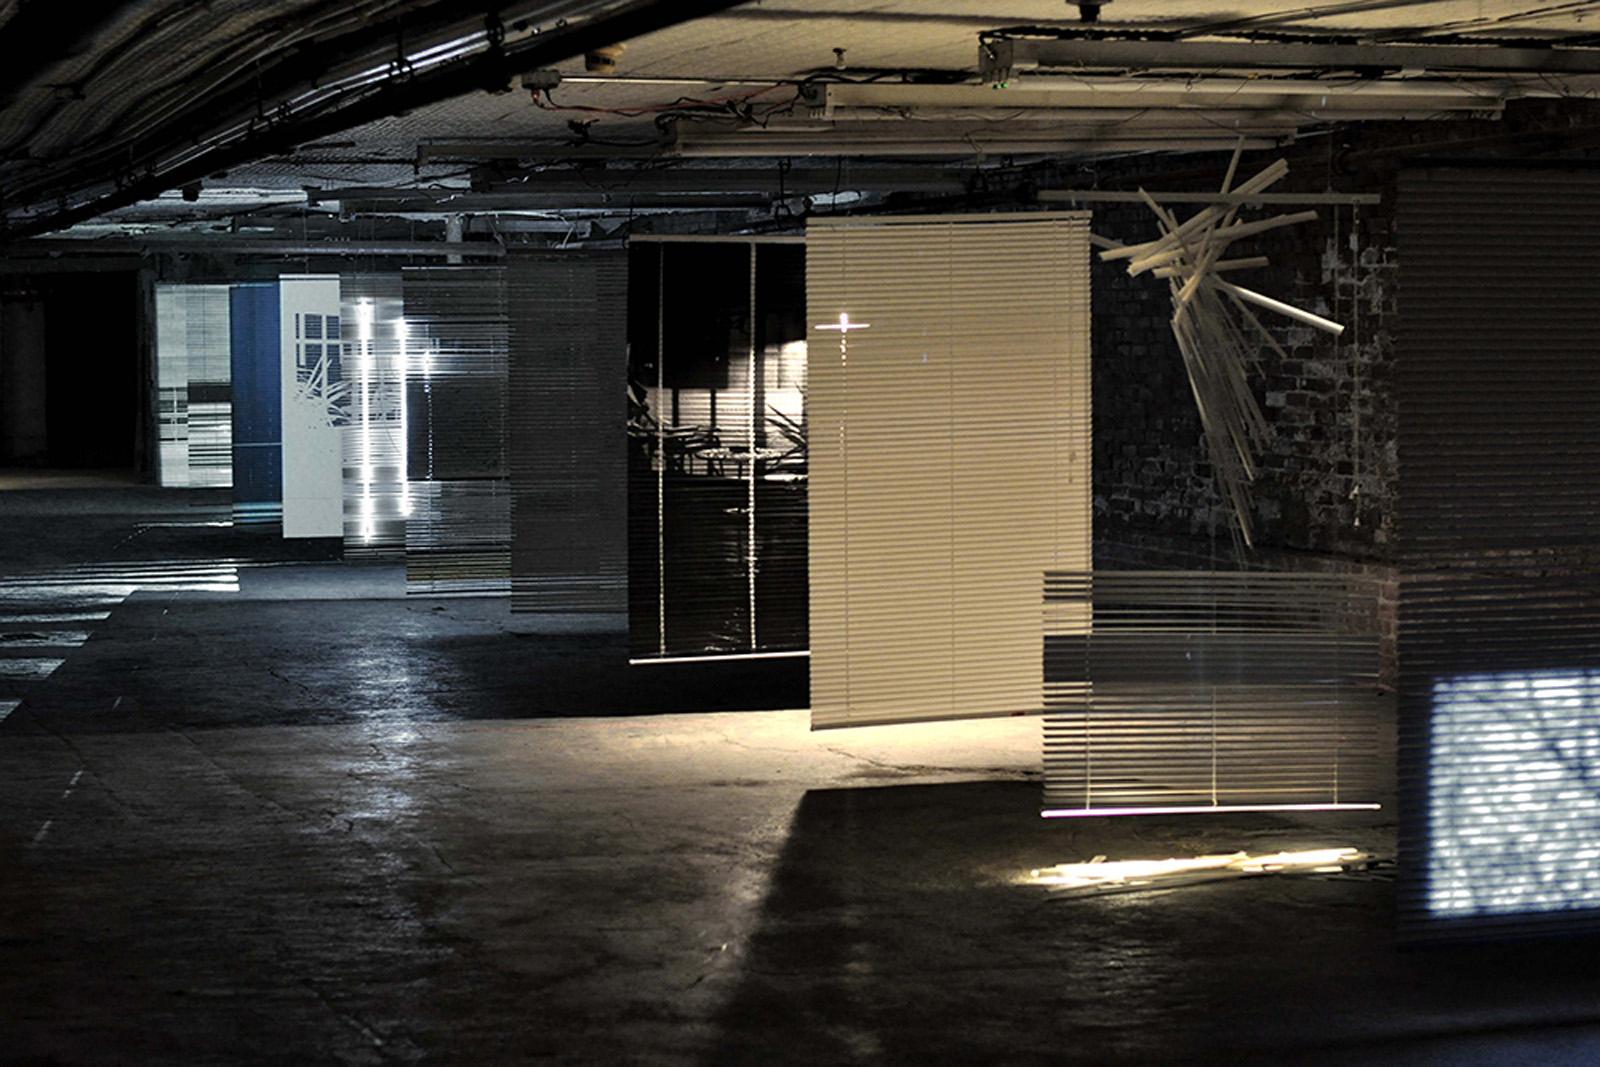 Sophiekitching days in between 2015 neons stores venitiens projections et techniques mixtesbd 1 original